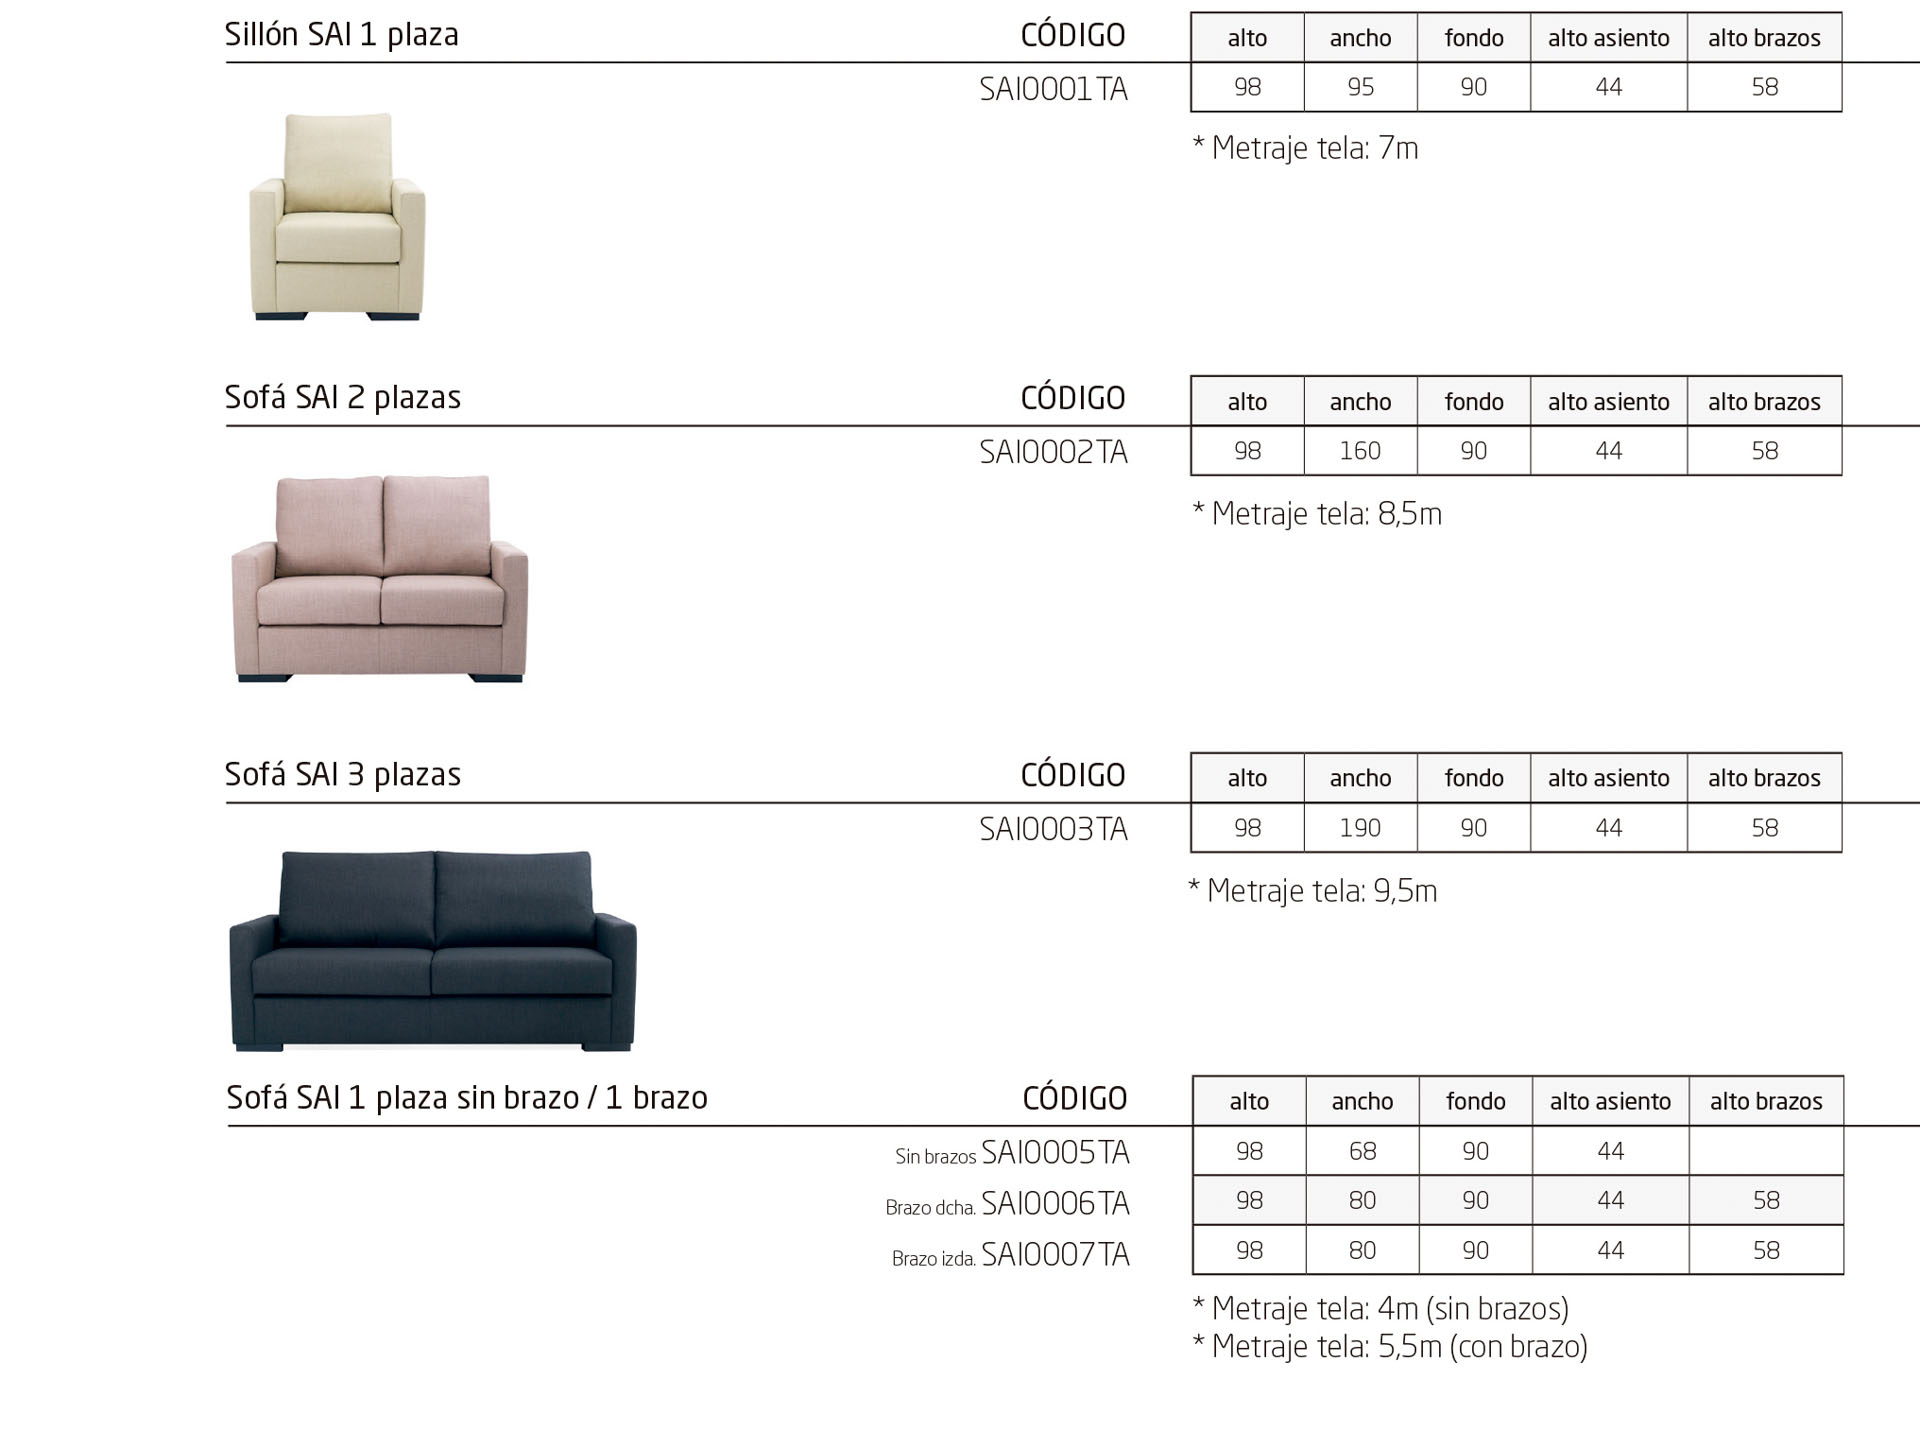 Sofás para geriátricos y residencias de diseño sencillo de la colección SAI